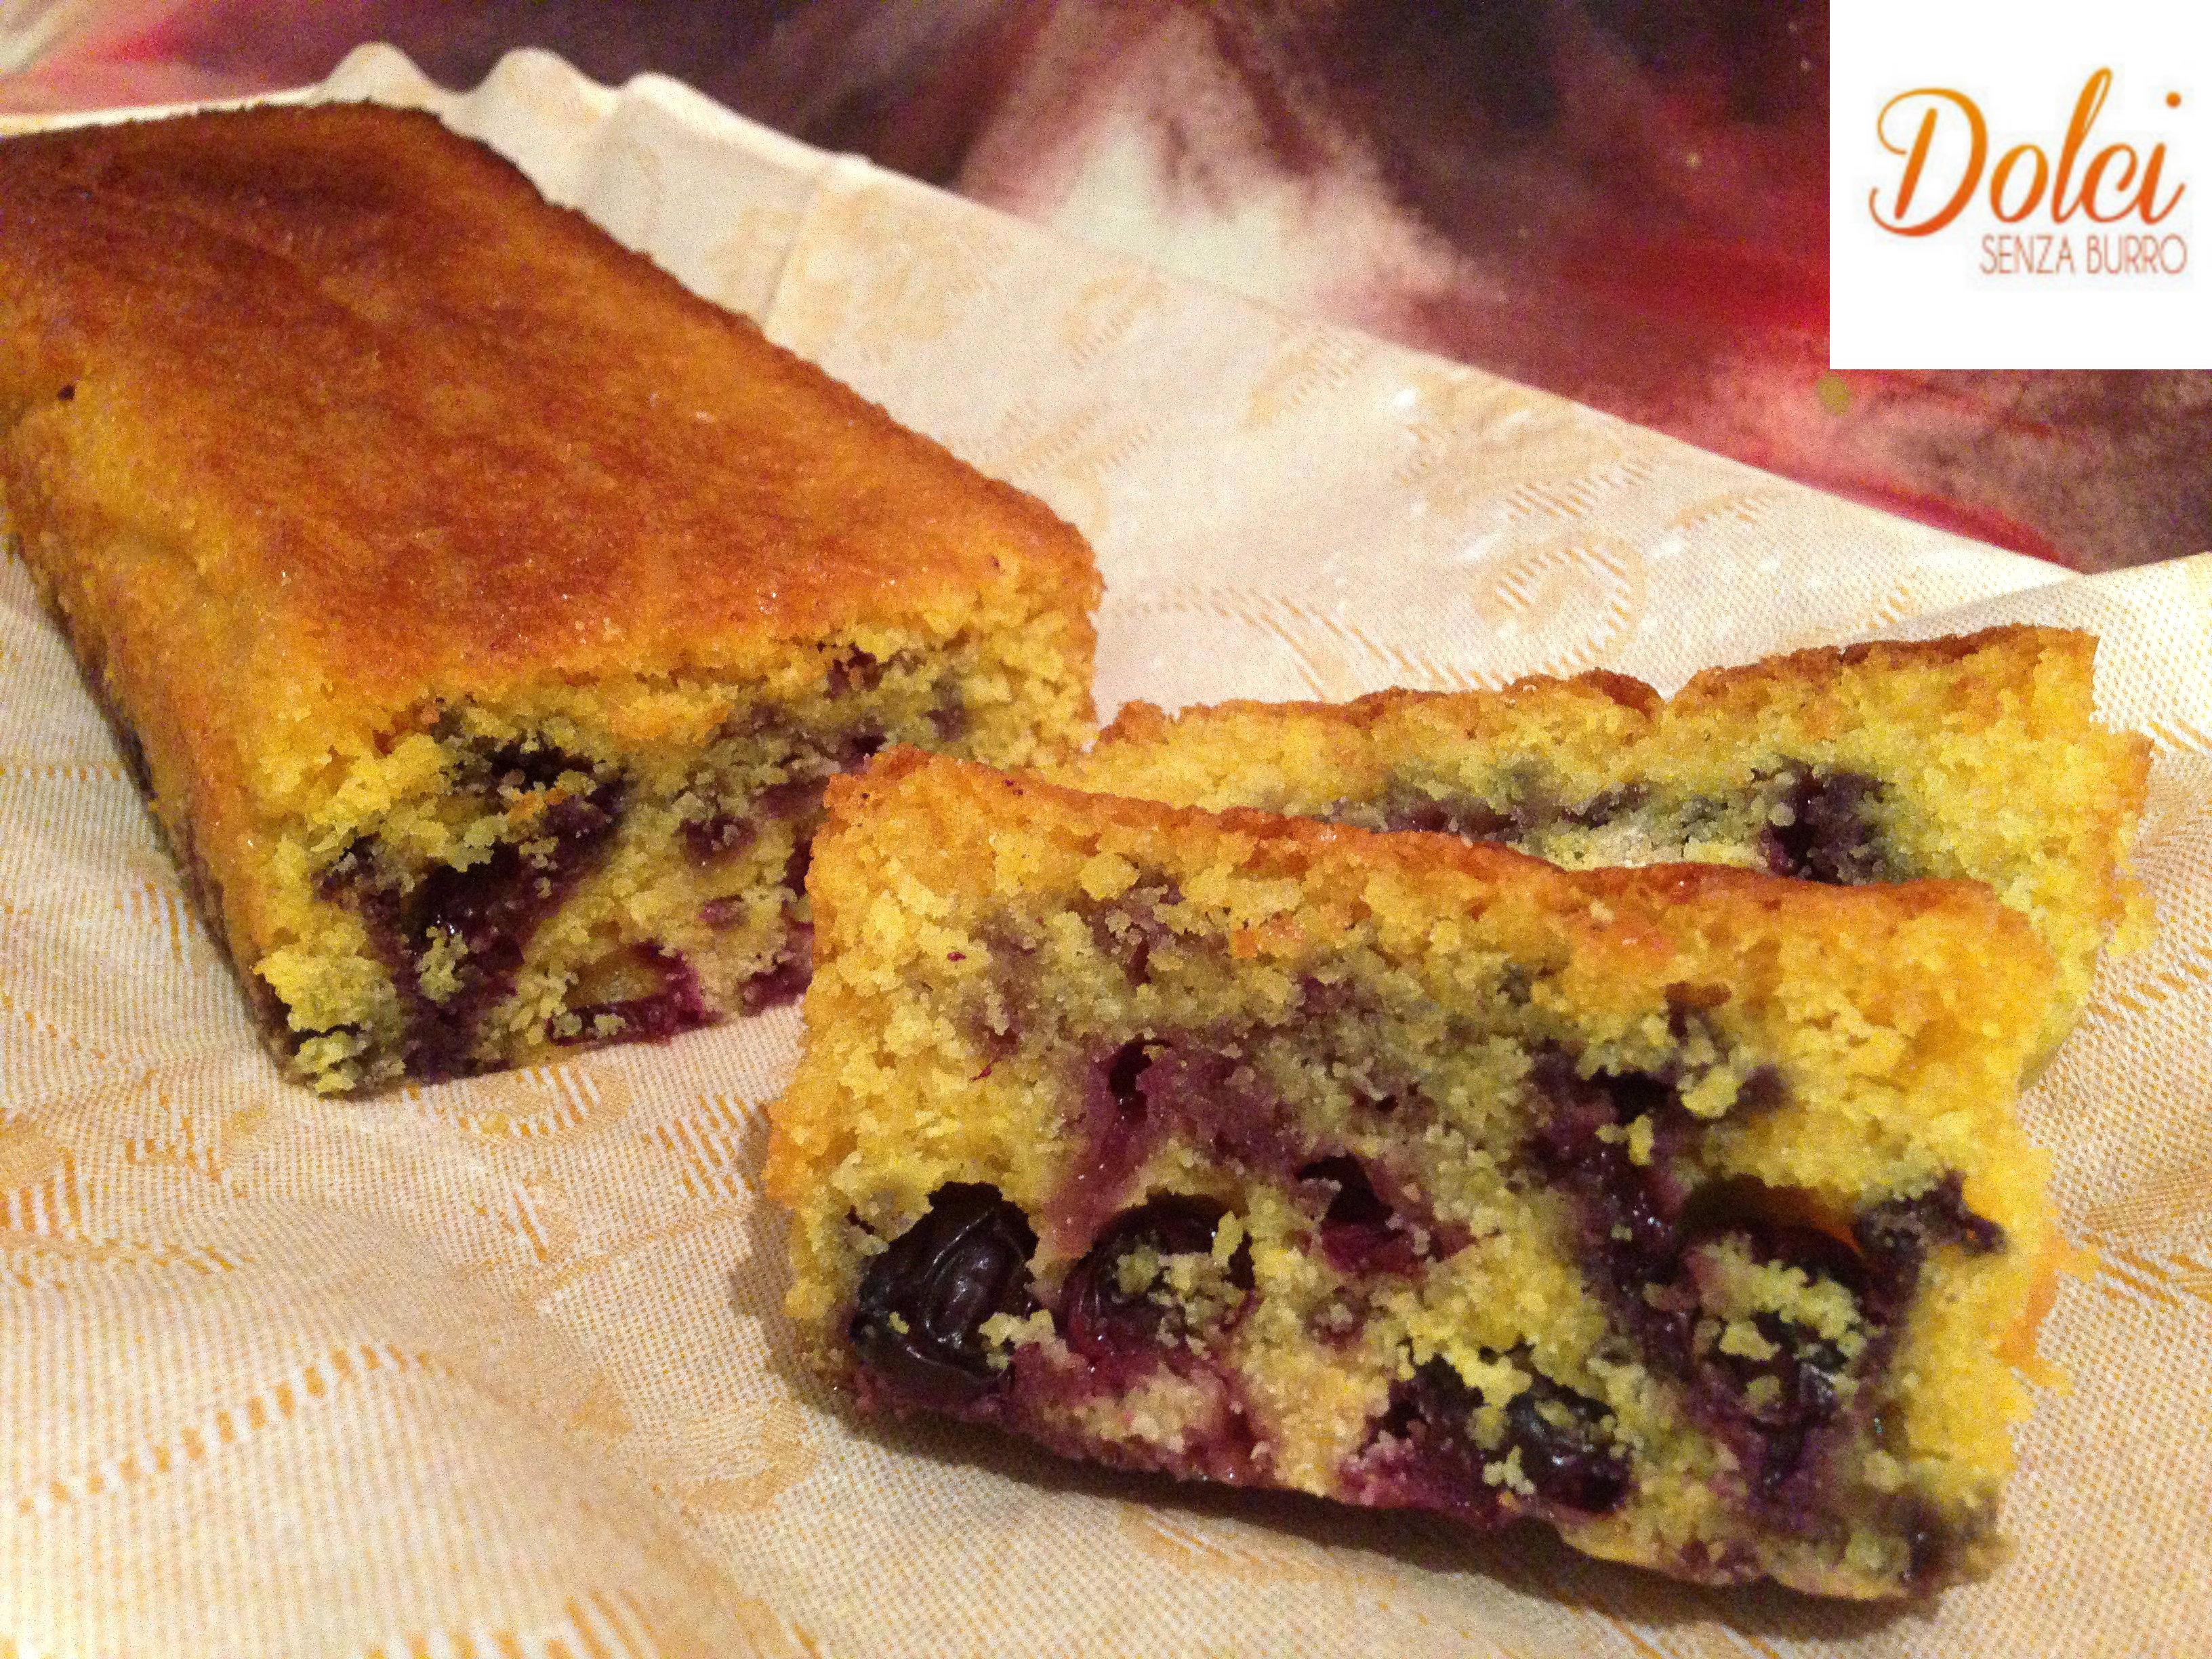 plumcake senza burro ai mirtilli ,il dolce senza ova e lattosio di Dolci Senza Burro